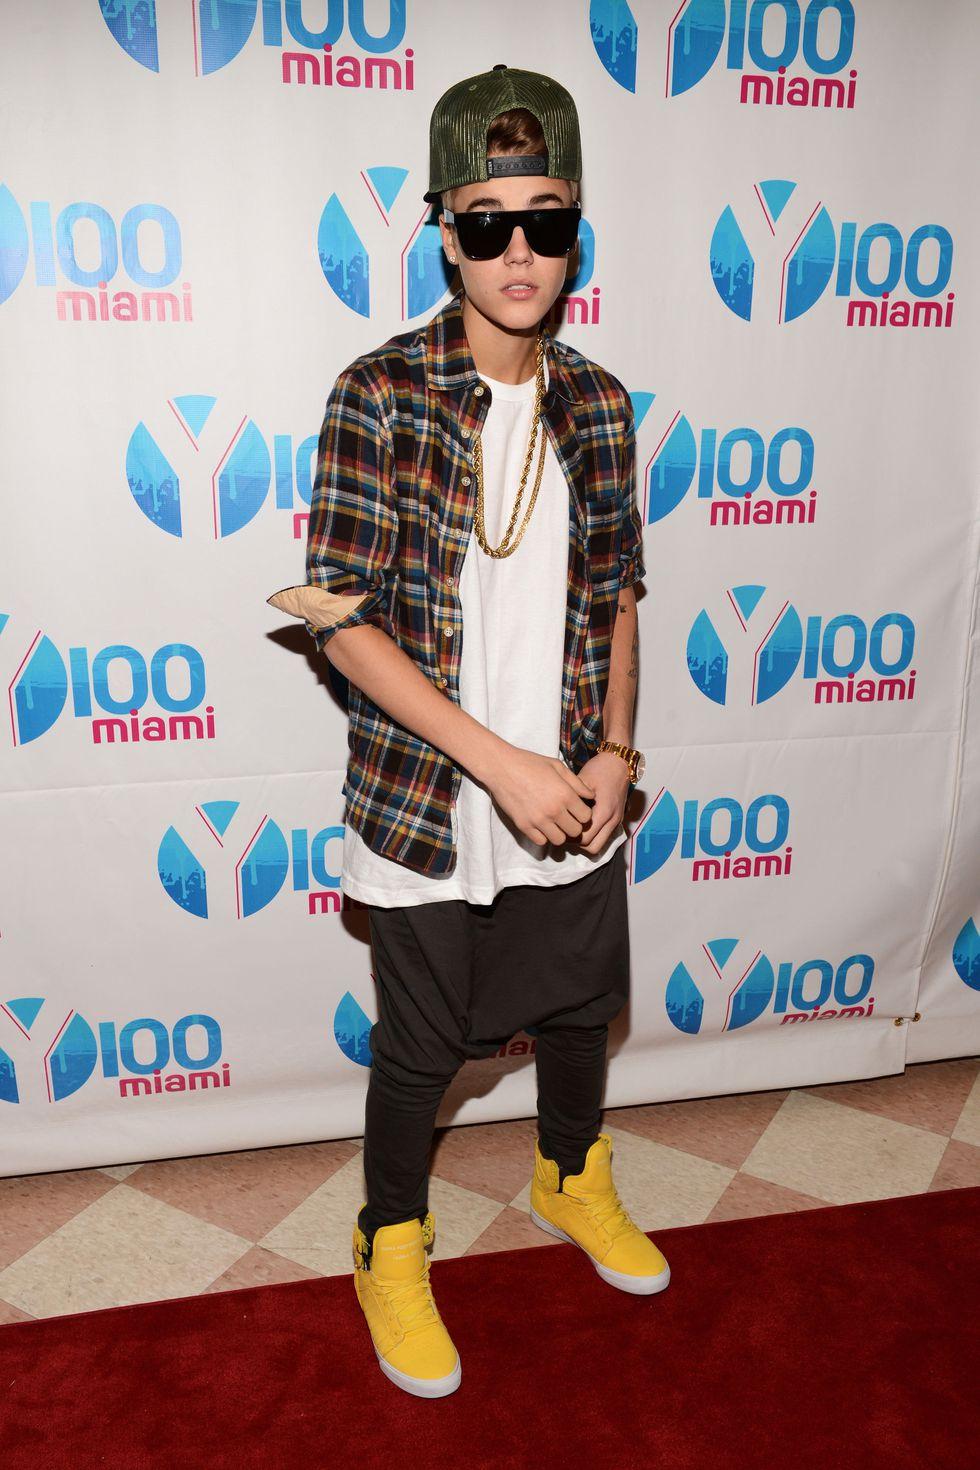 weird Justin Bieber outfits